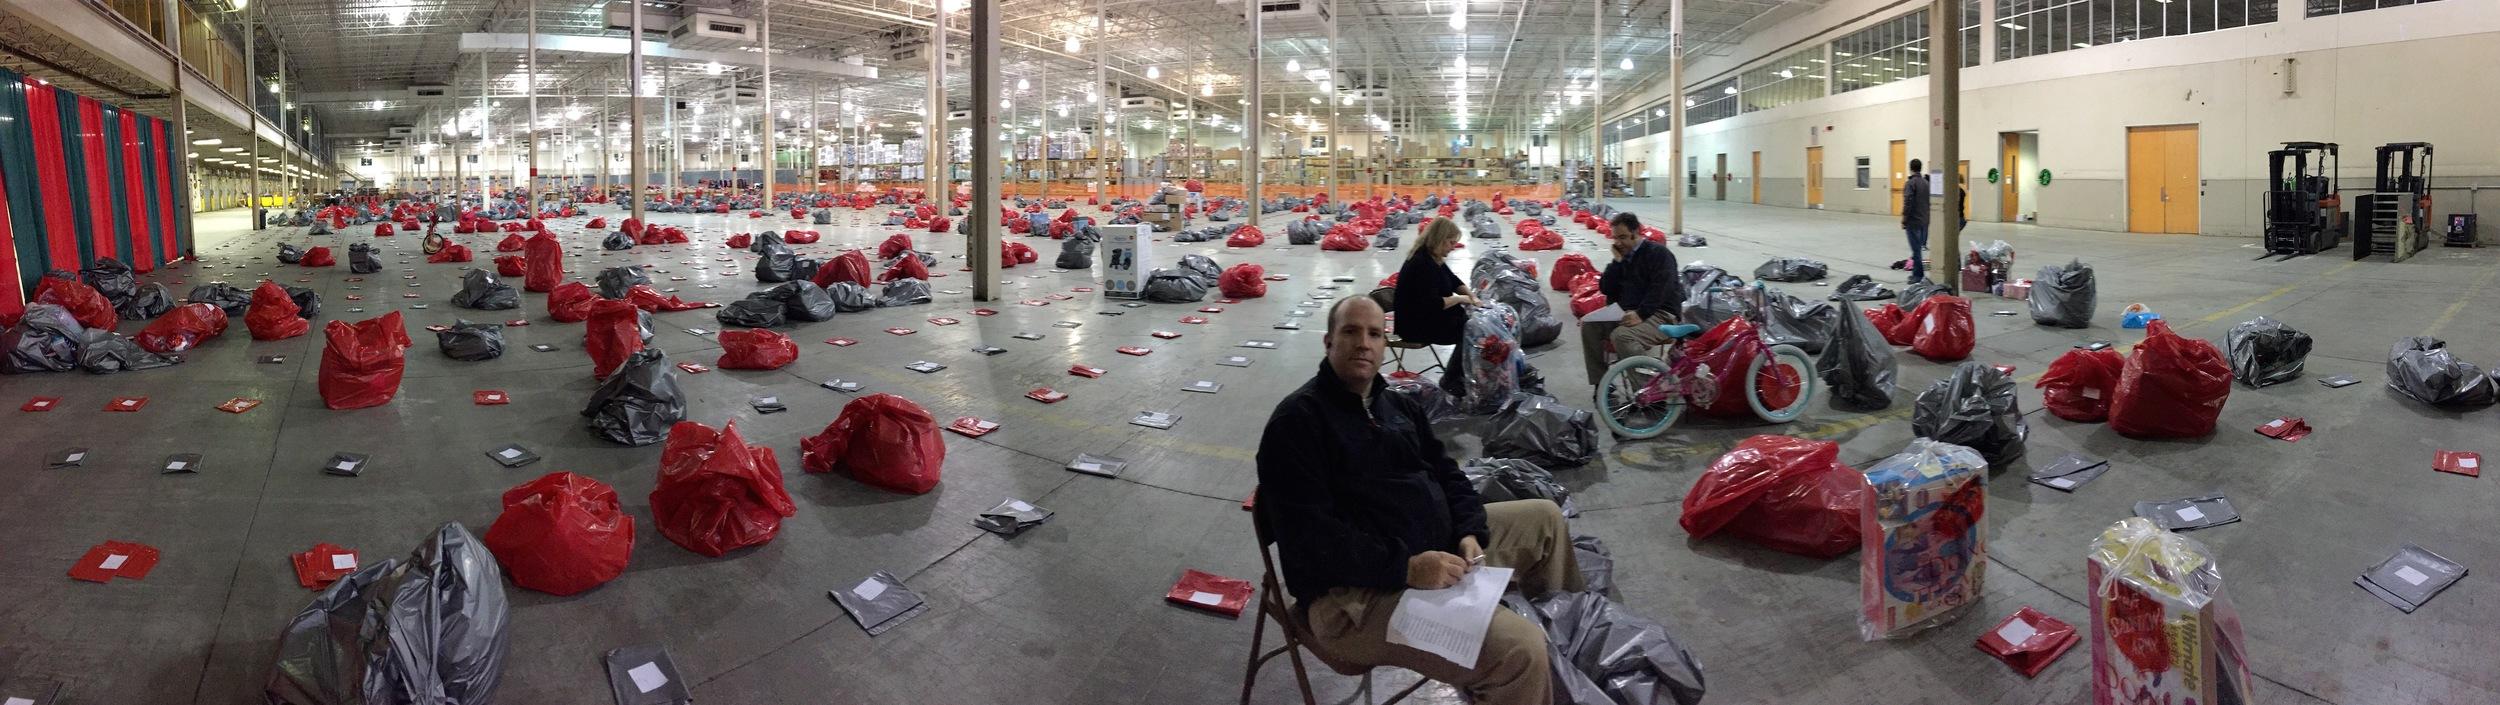 Panoramic-Warehouse.jpg